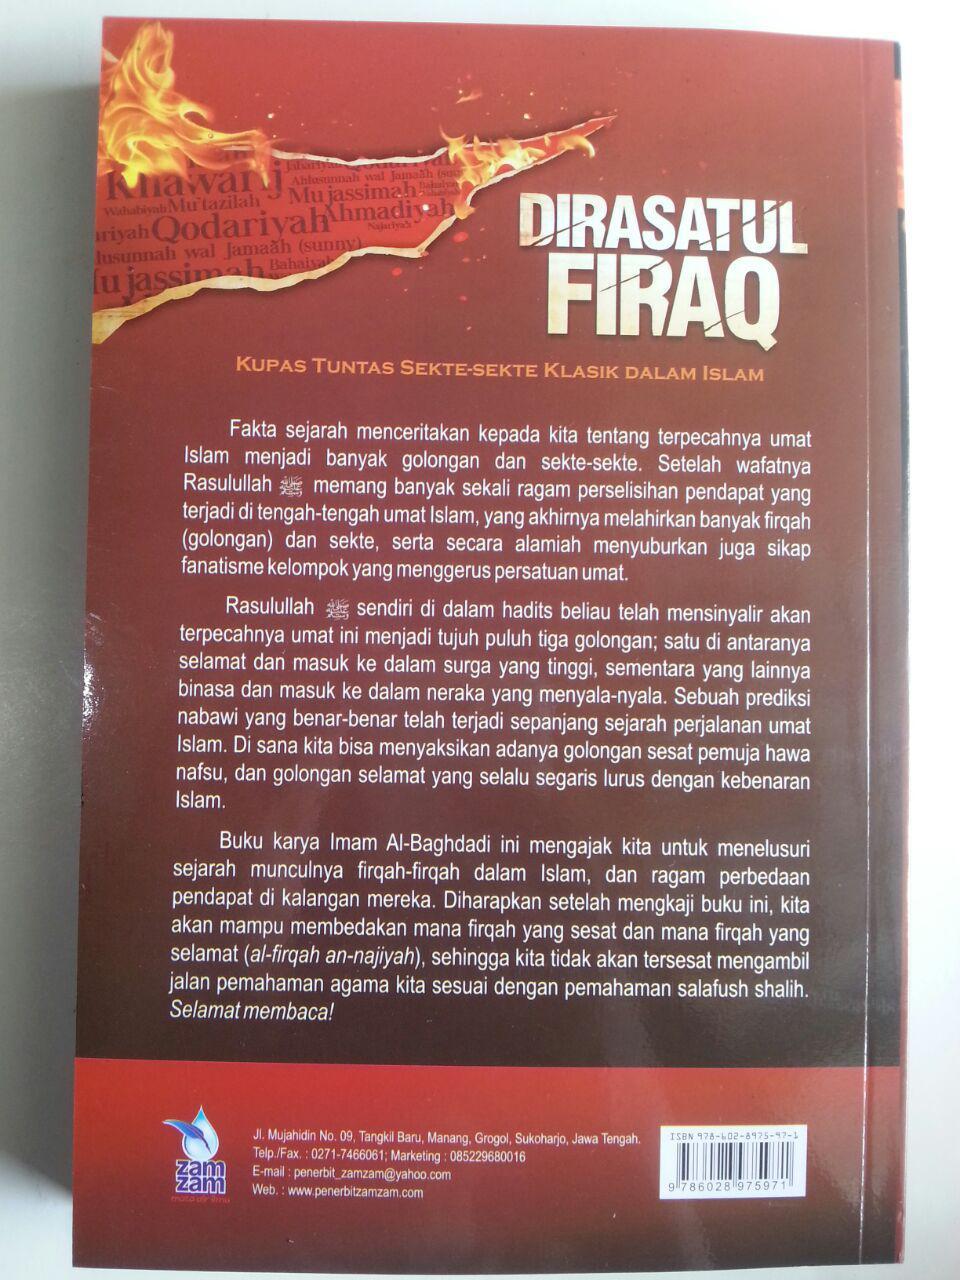 Buku Dirasatul Firaq Kupas Tuntas Sekte-Sekte Klasik Dalam islam cover